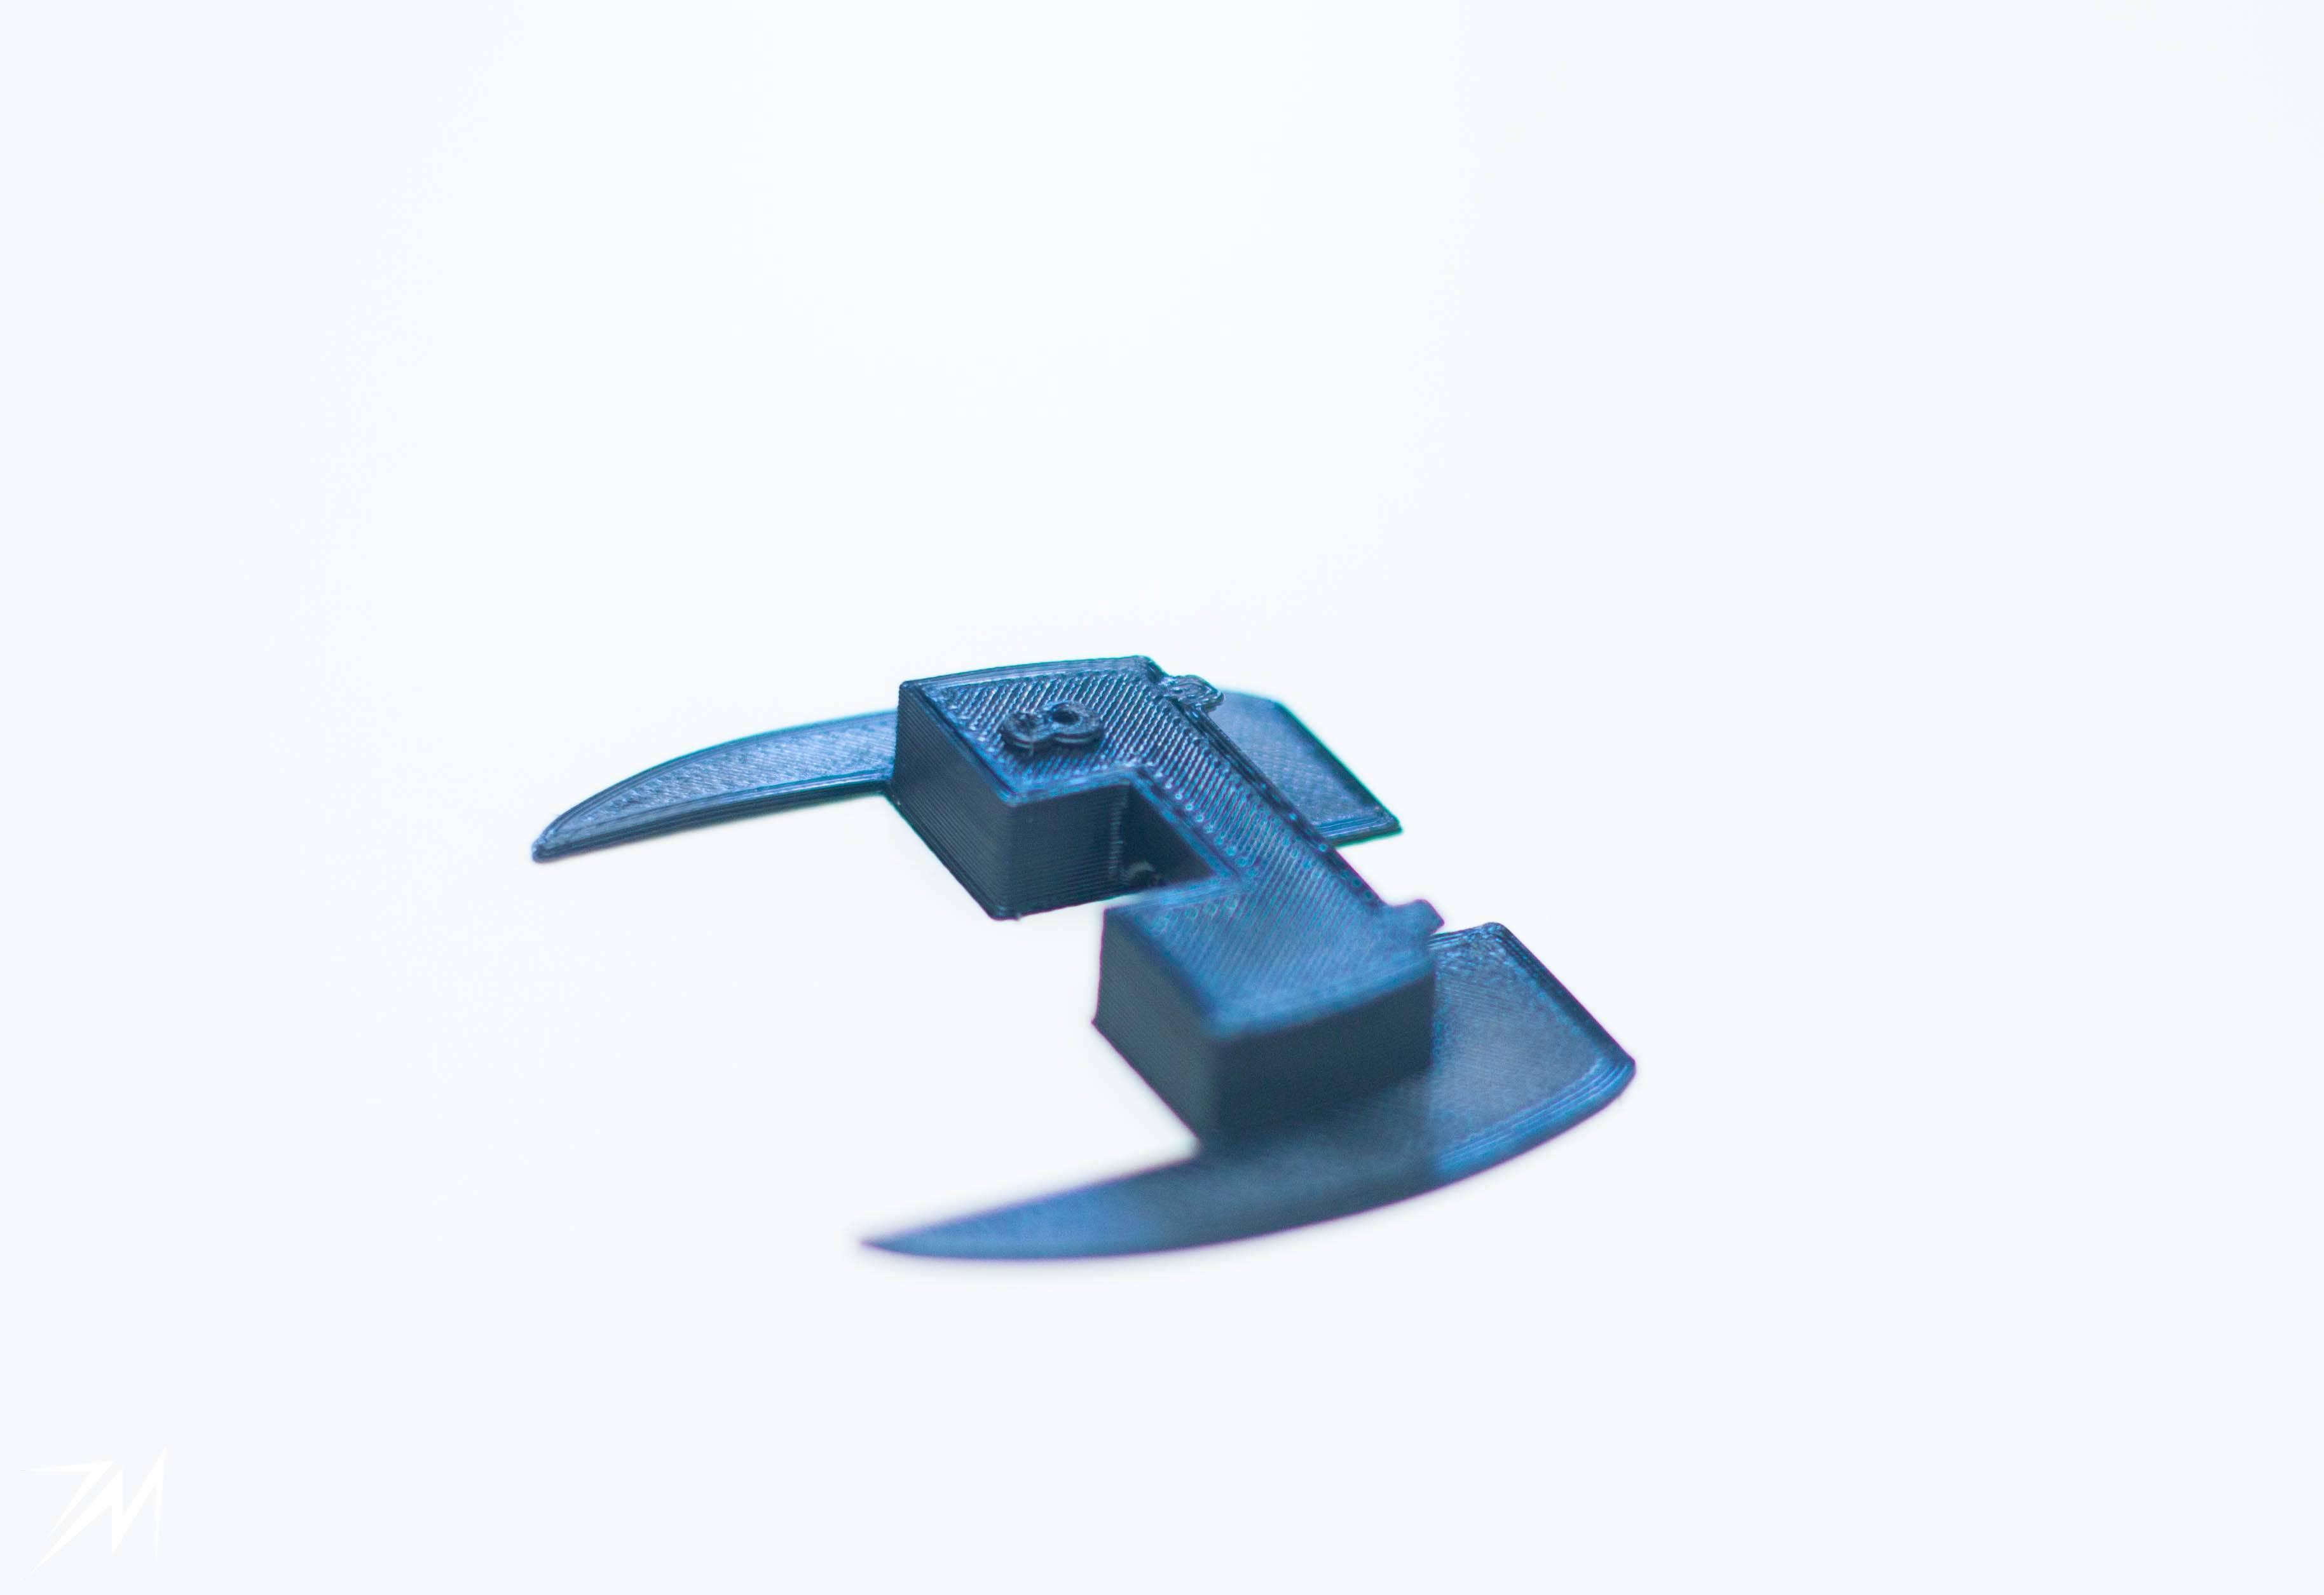 11052019-IMG_4462.jpg Download free STL file Xiaomi M365 - Anti-sweat • 3D print model, JM_3D